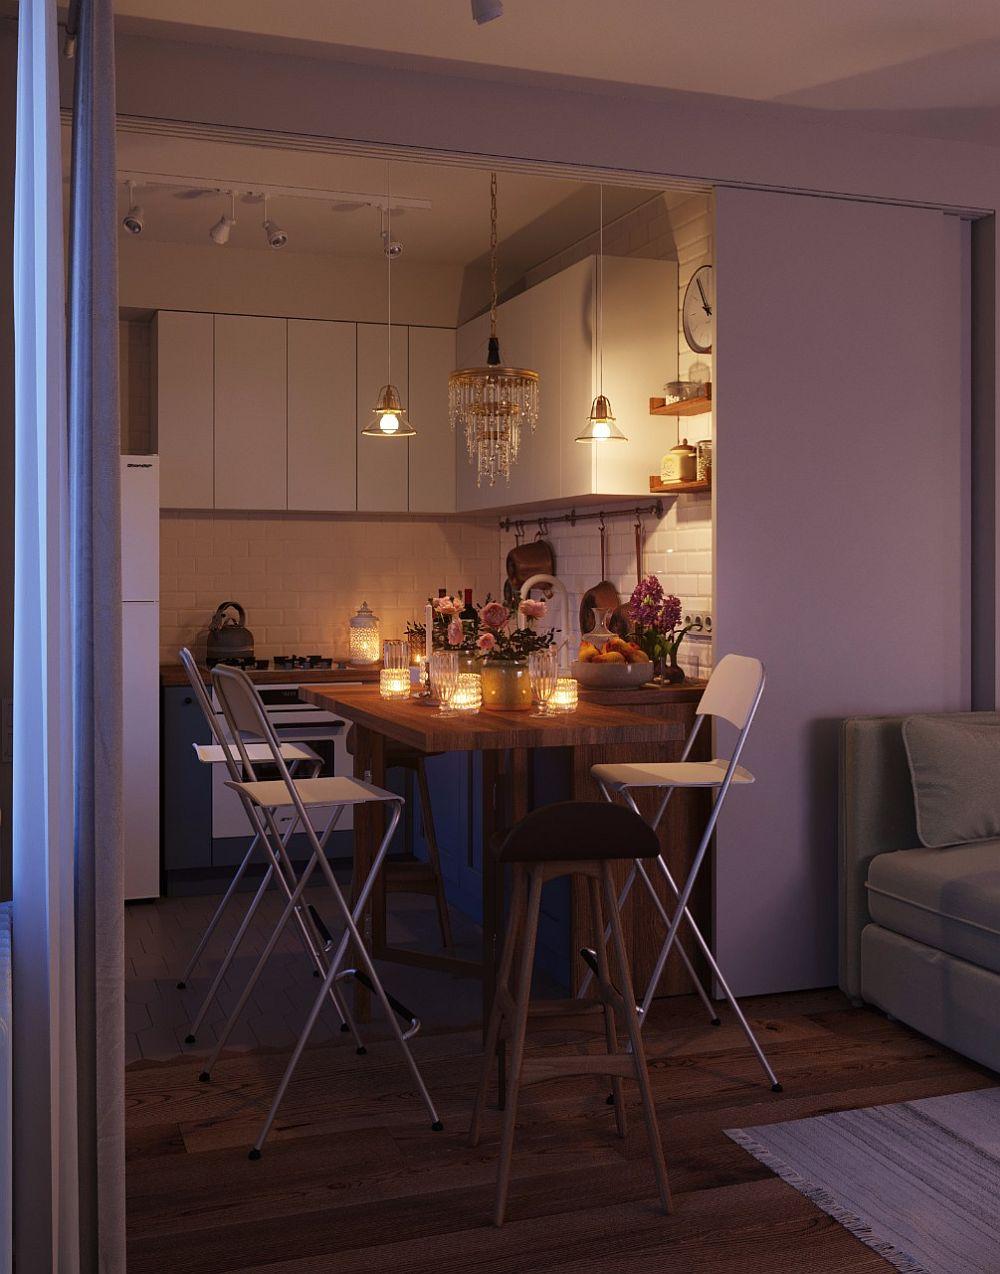 Pentru ca locul de luat masa să fie mai generos, arhitecții au prevăzut ca laterala blatului din bucătărie să poată fi rabatată către cameră pentru a forma o masă la care să poată sta patru persoane.